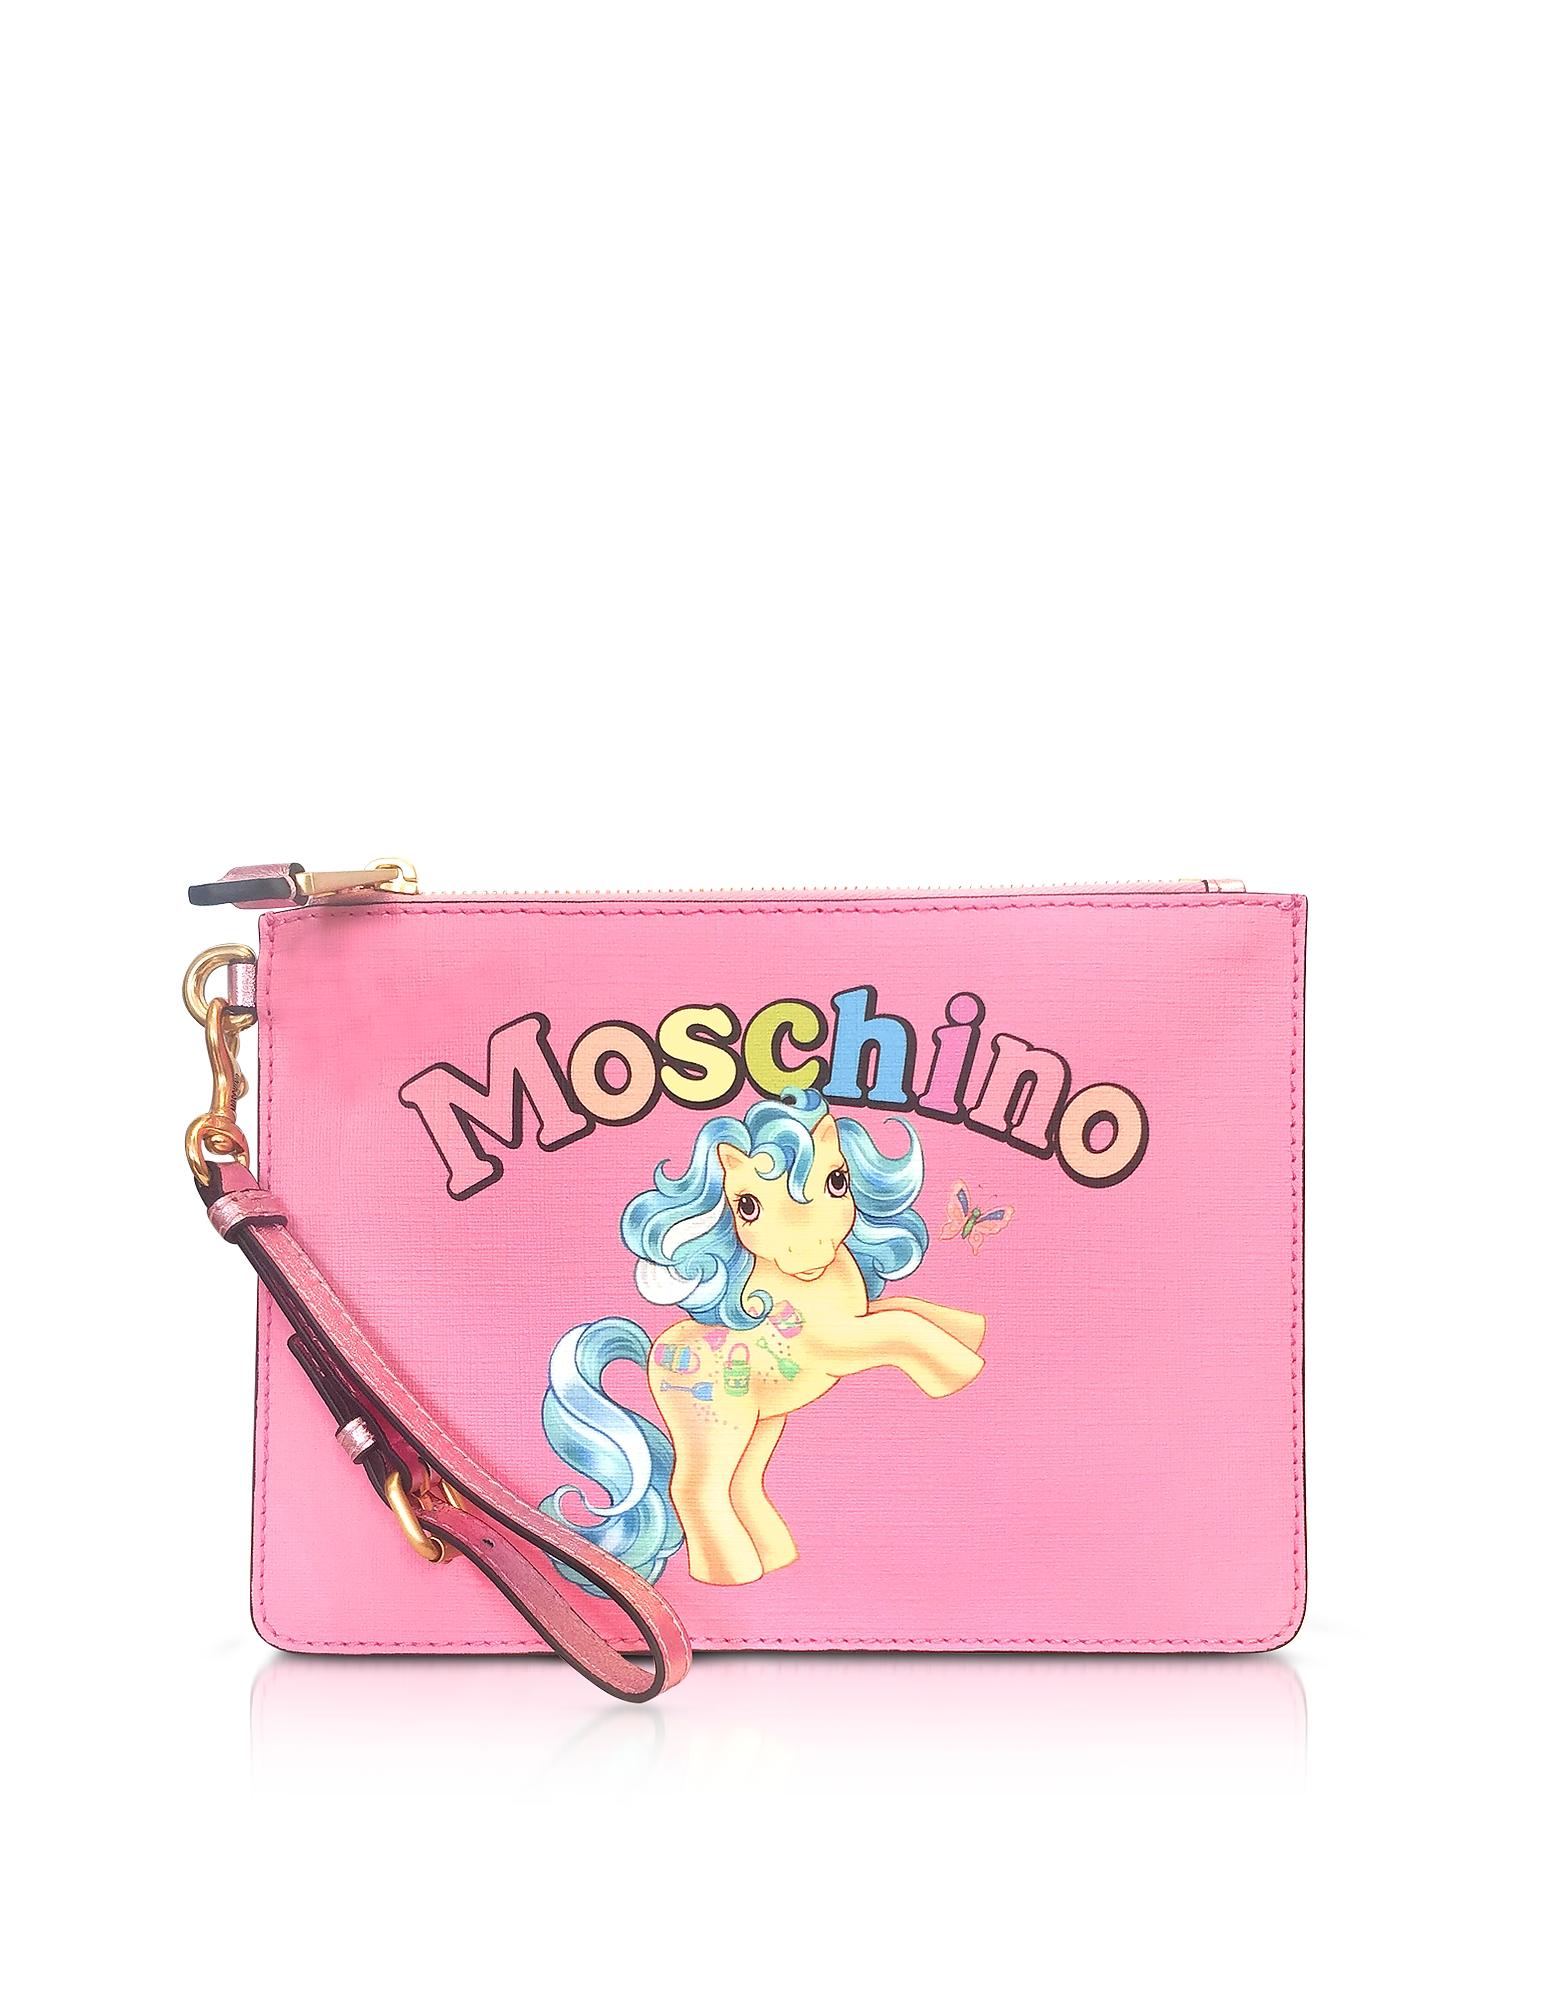 Moschino My Little Pony Pink Clutch w/Wristlet